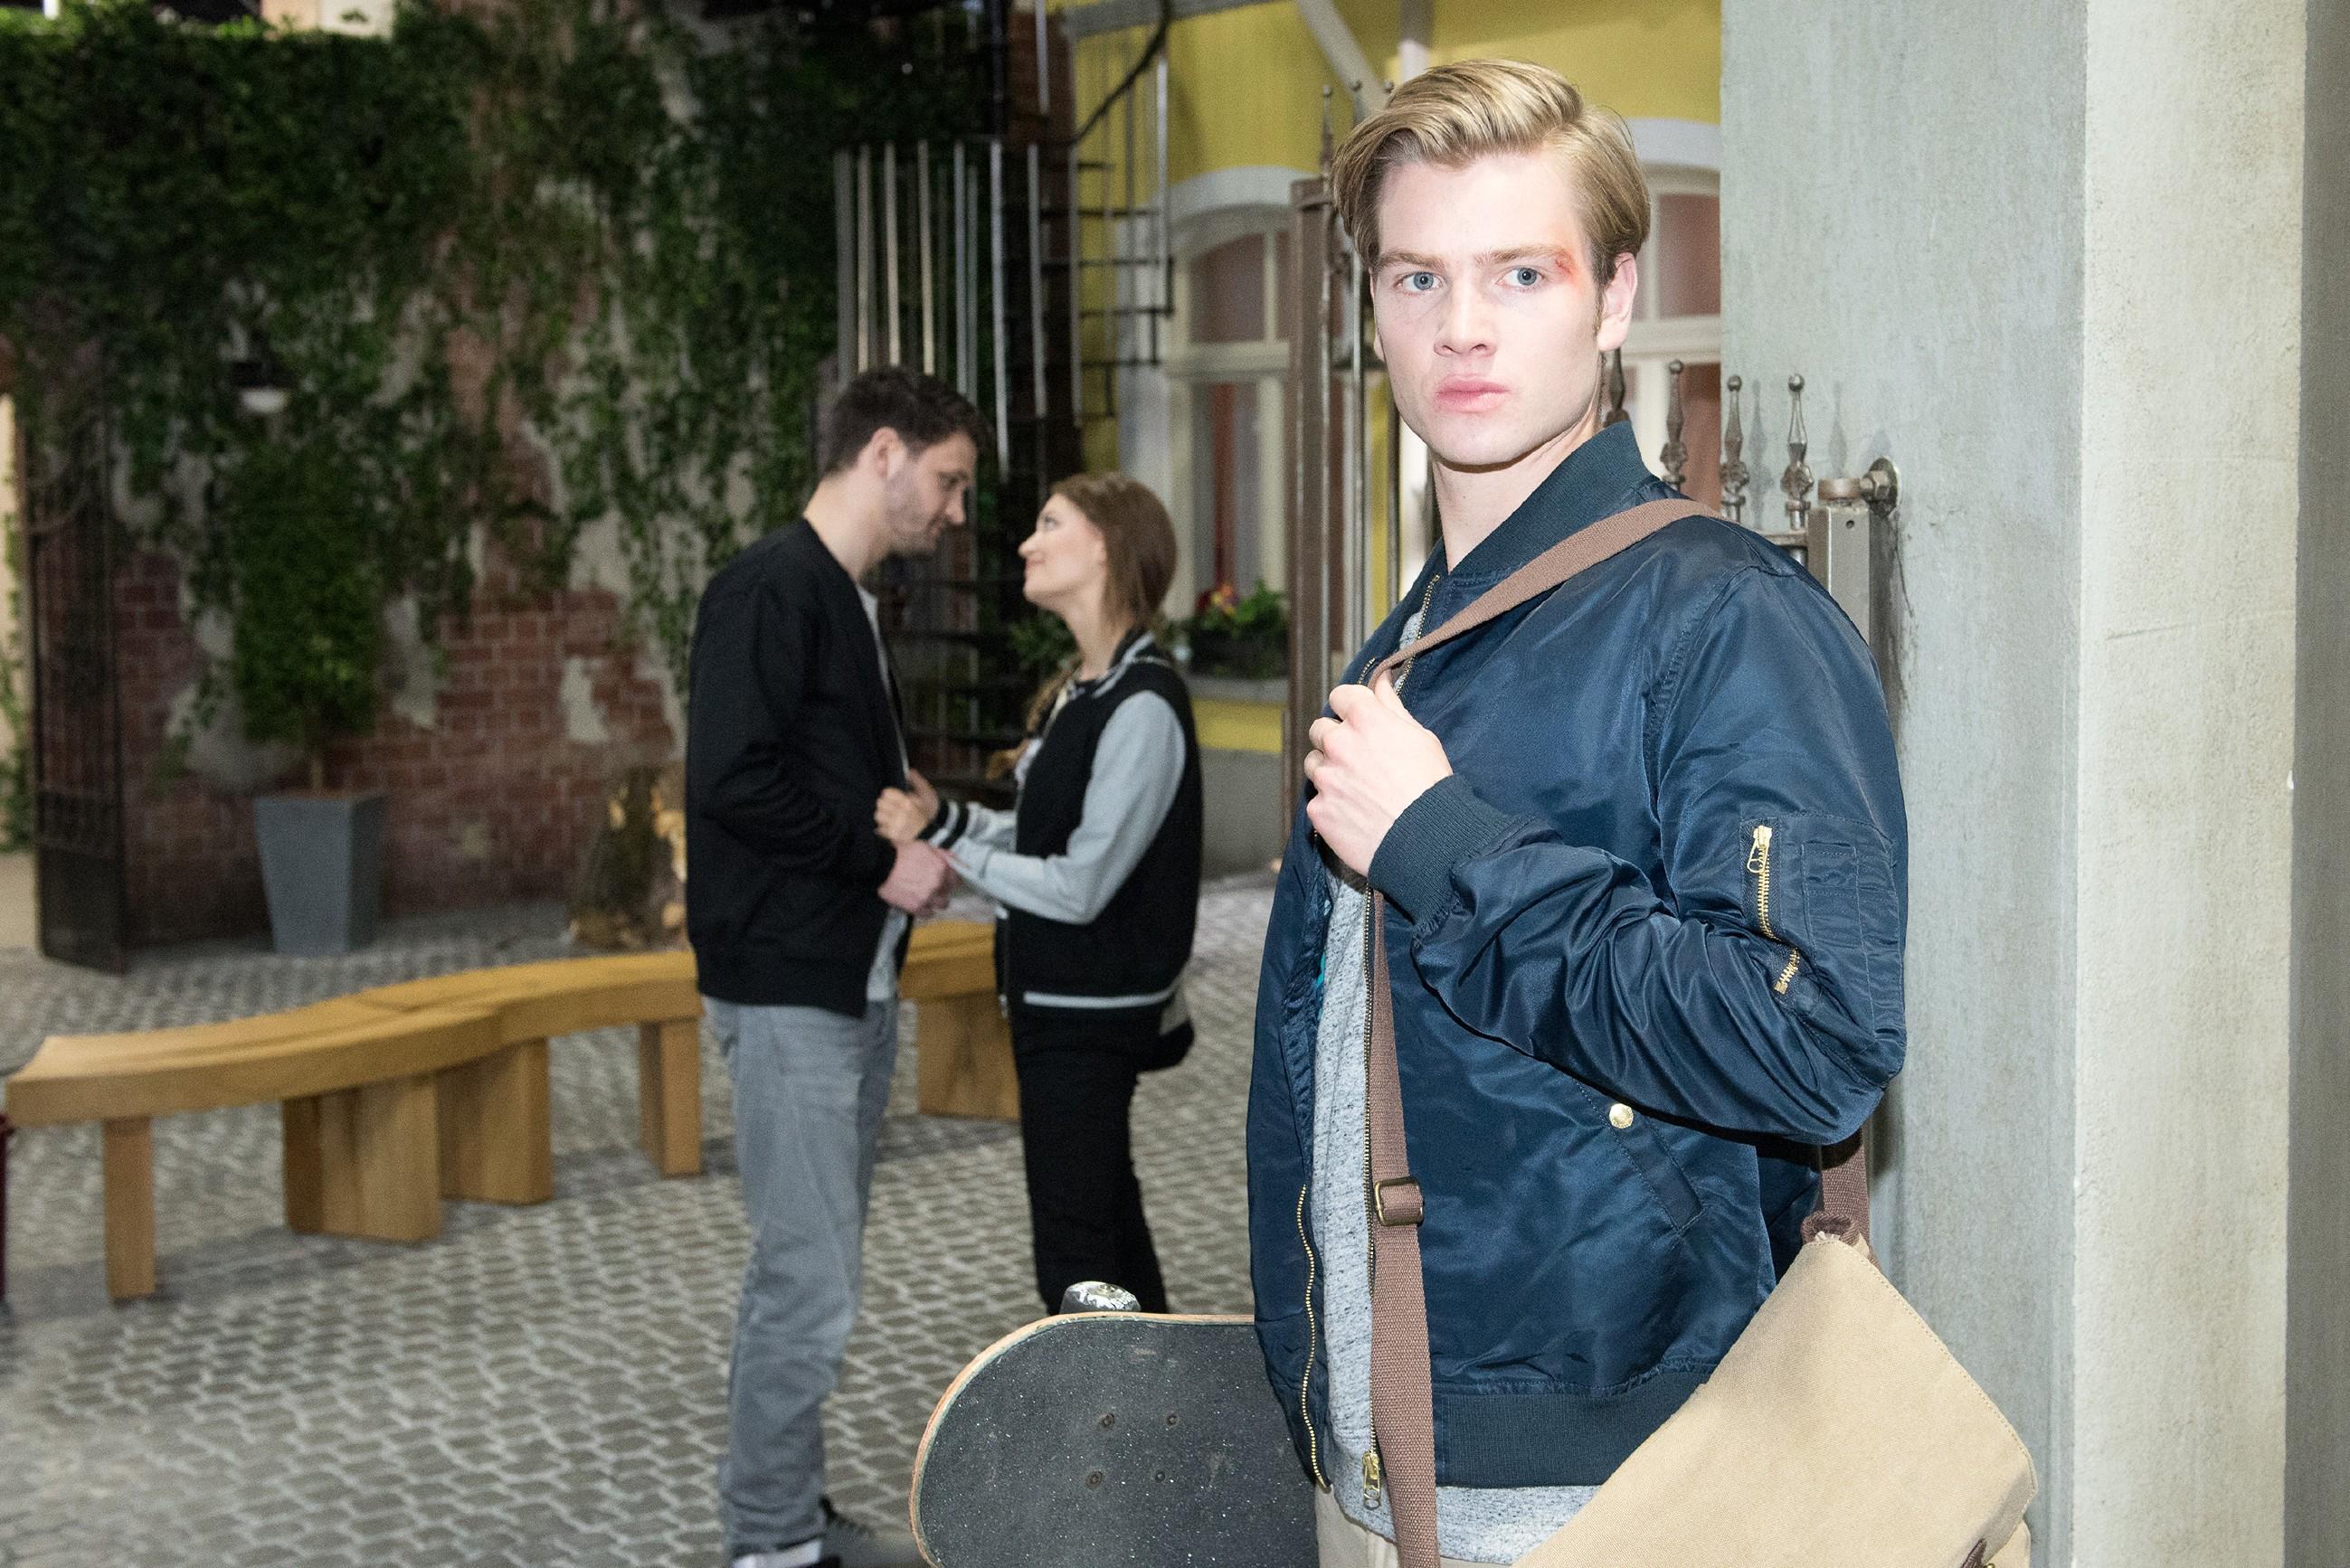 Valentin (Aaron Koszuta, r.) ist getroffen, als er beobachtet, wie Jule (Amrei Haardt) mit Mario (Arne Rudolf) flirtet. (Quelle: RTL / Stefan Behrens)